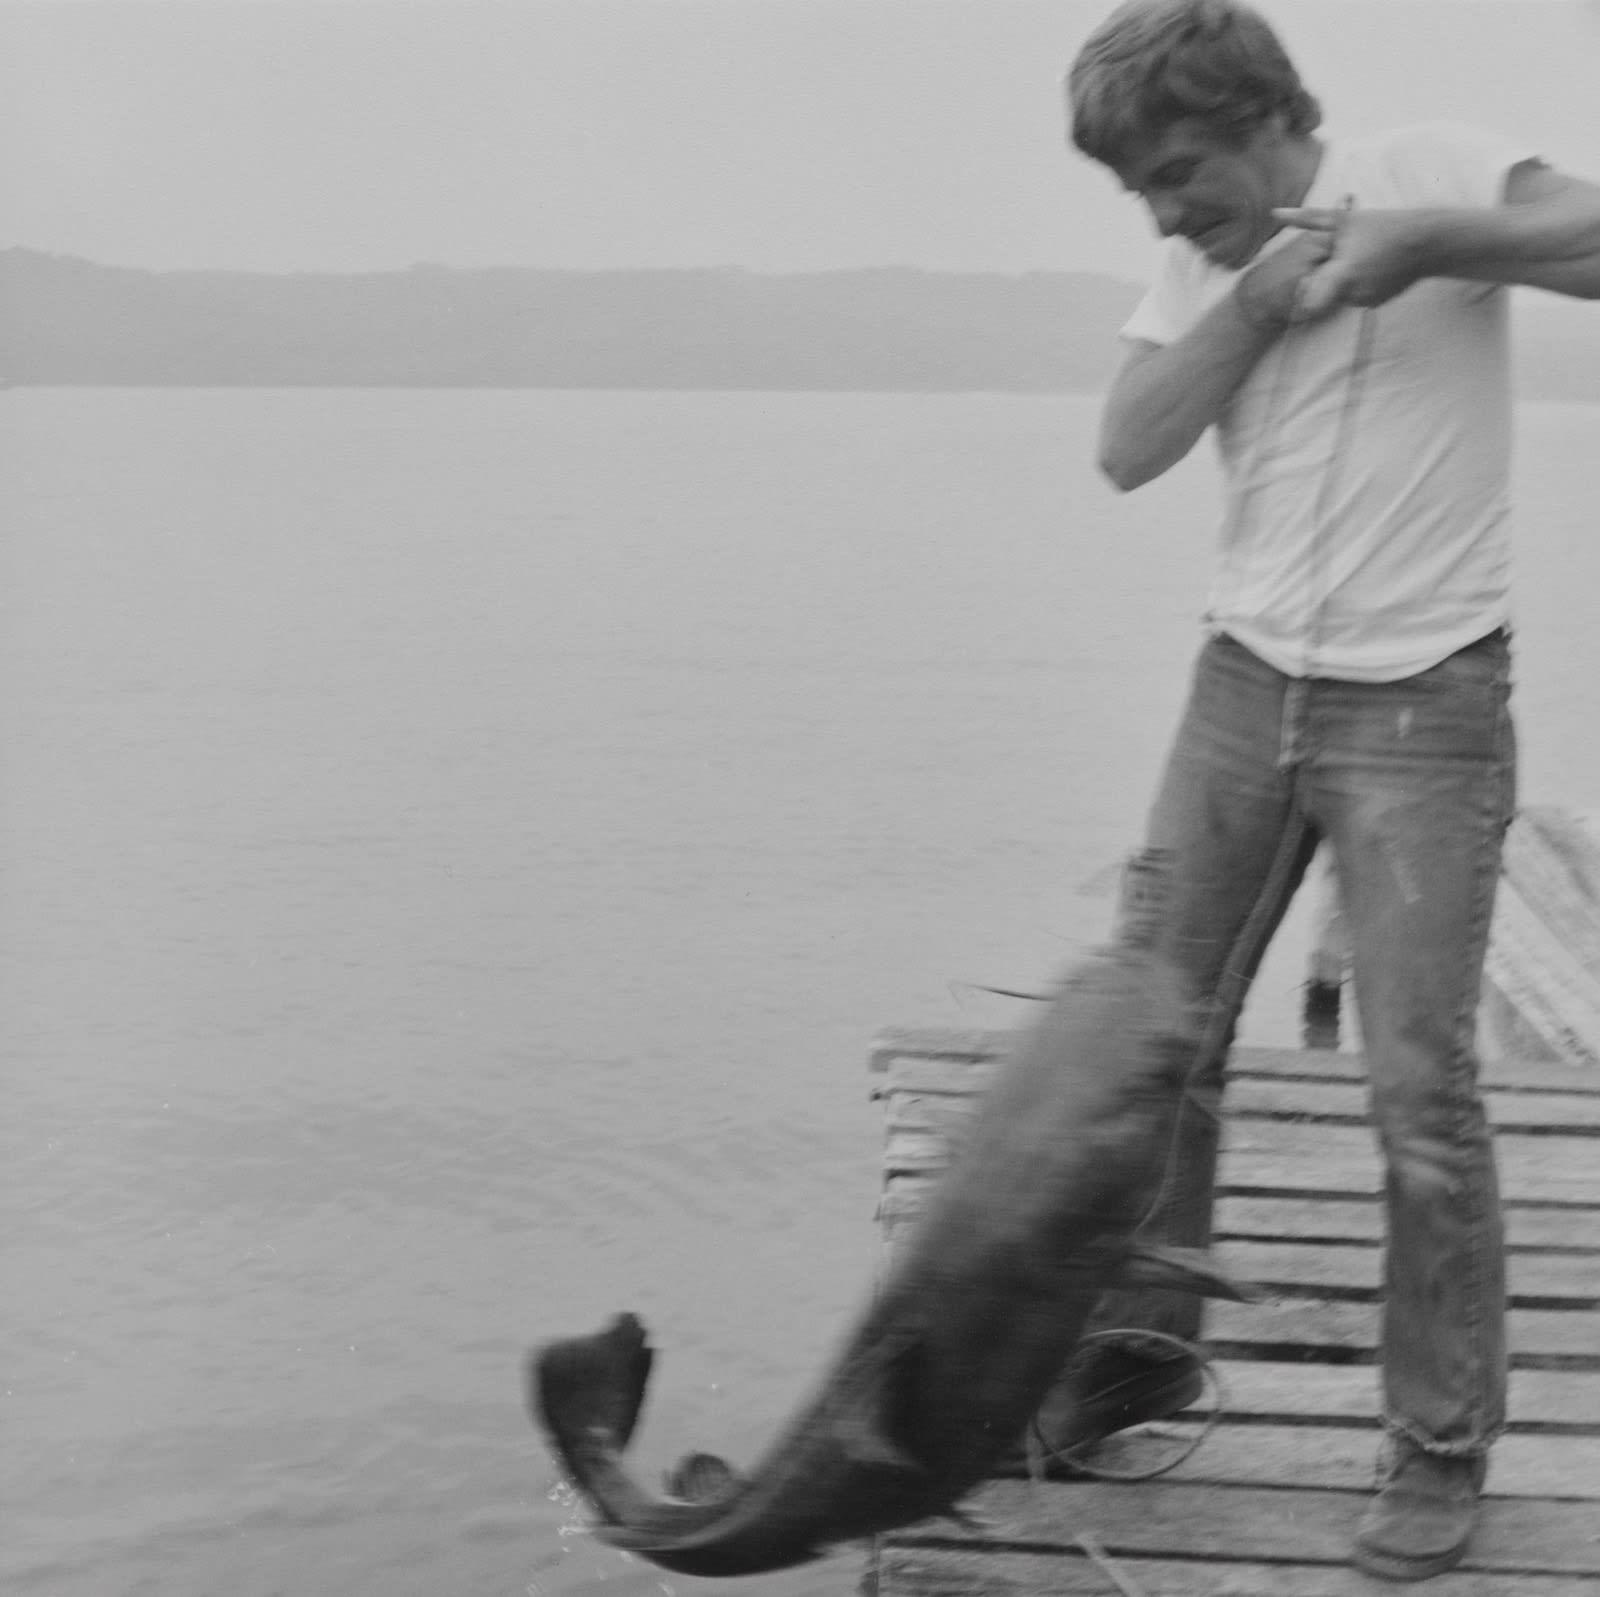 Steven Rifkin, Untitled, Lake Lemon, IN, 1977